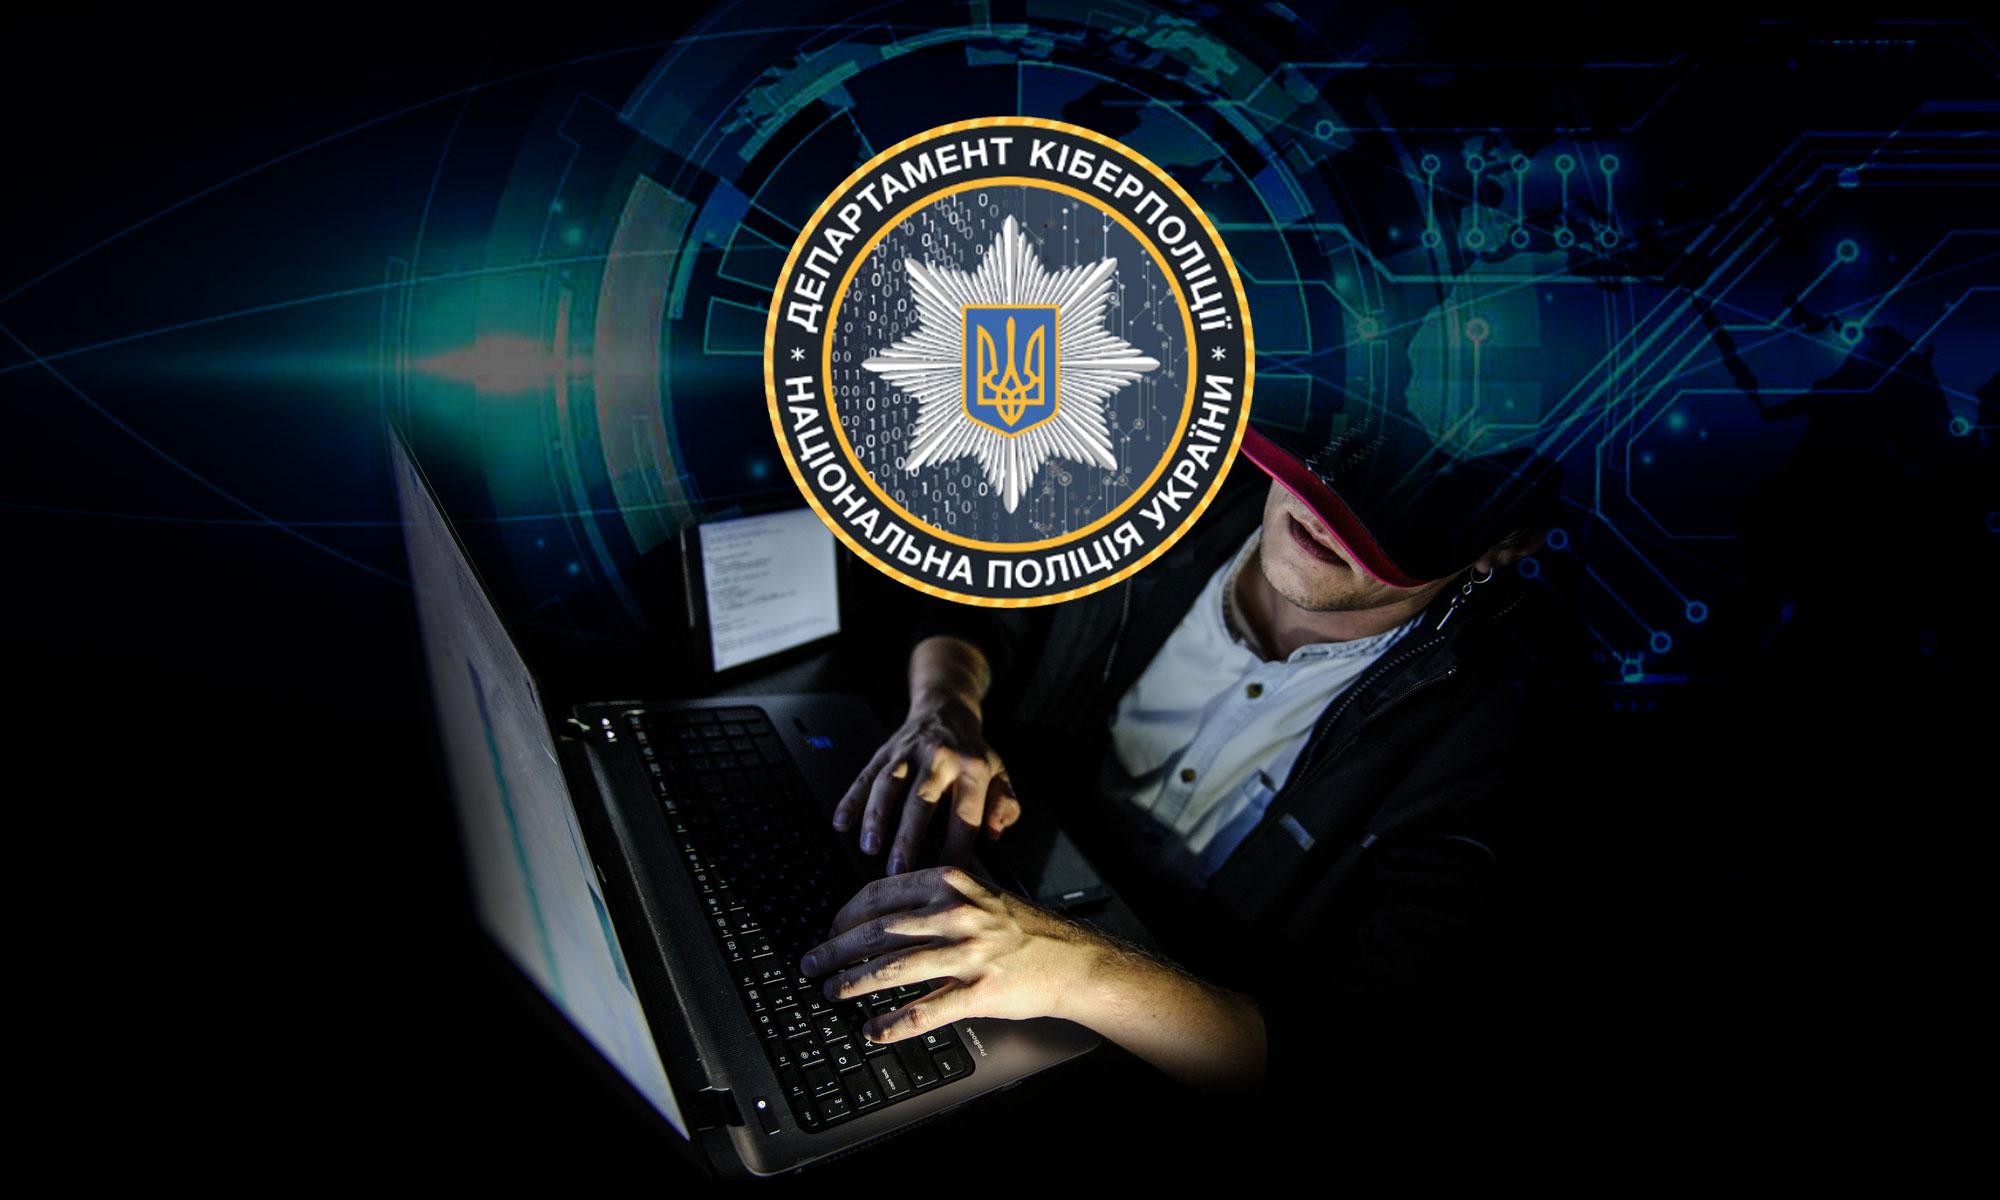 кіберполіція / киберполиция